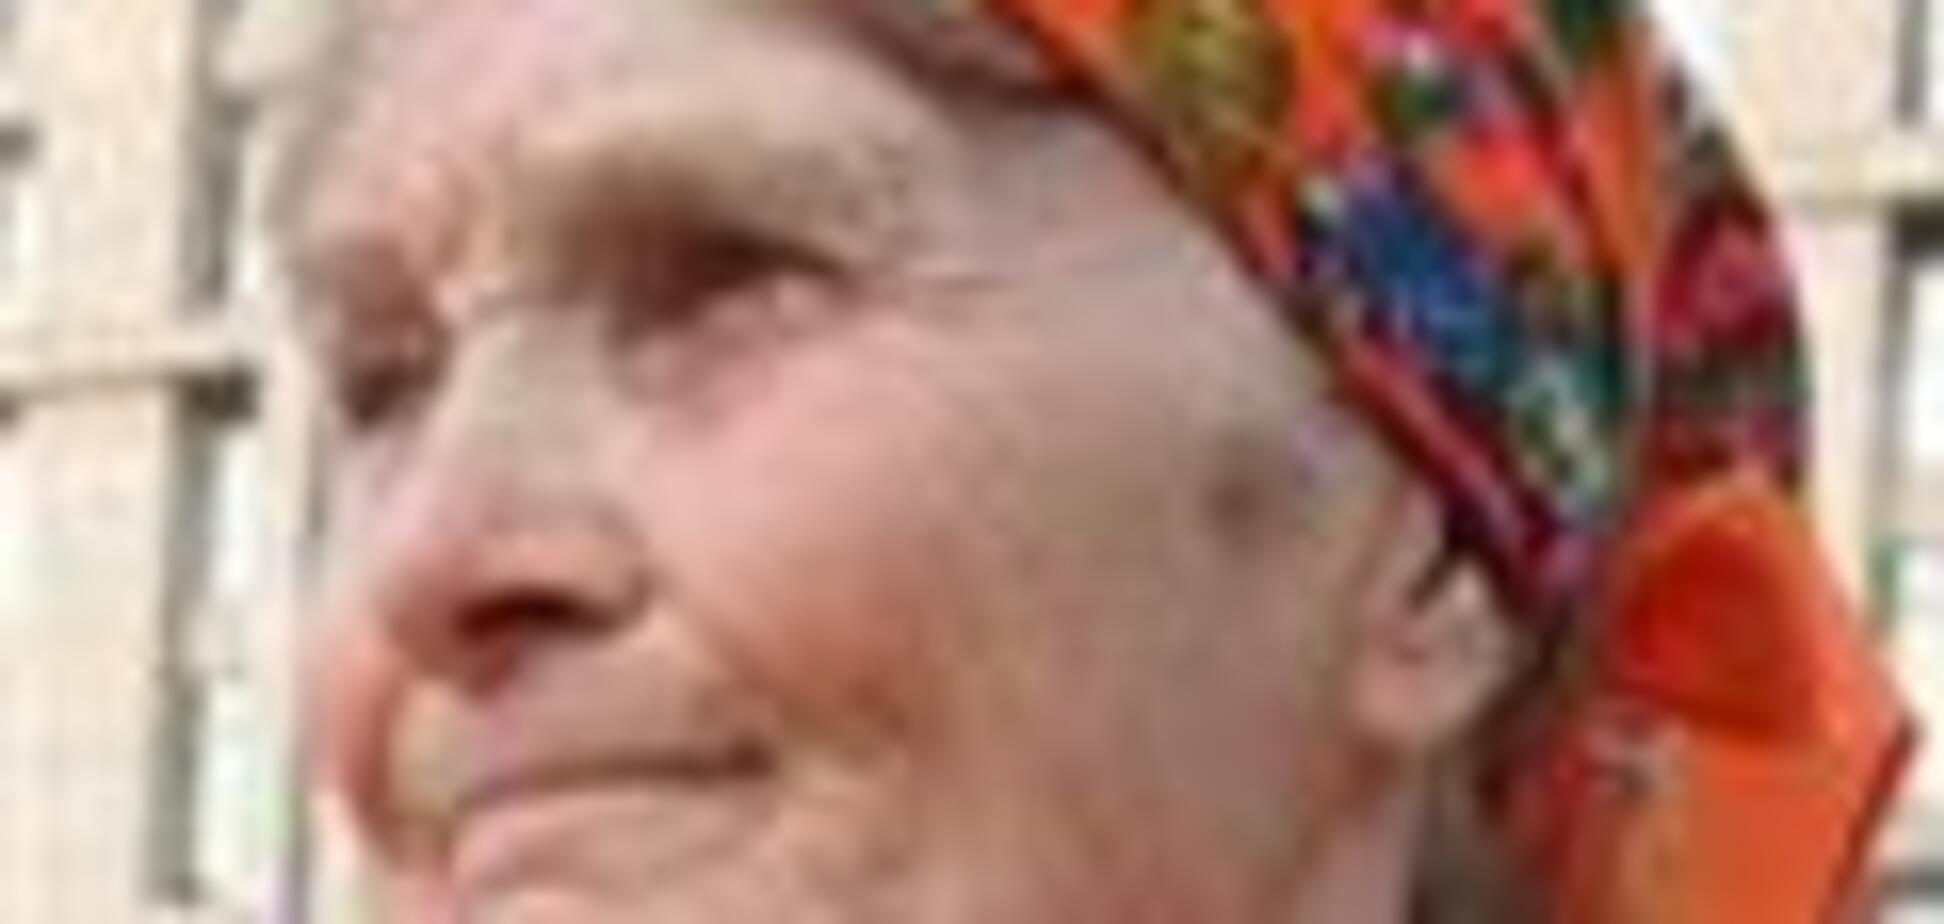 Баба Параска не боїться померти за правду